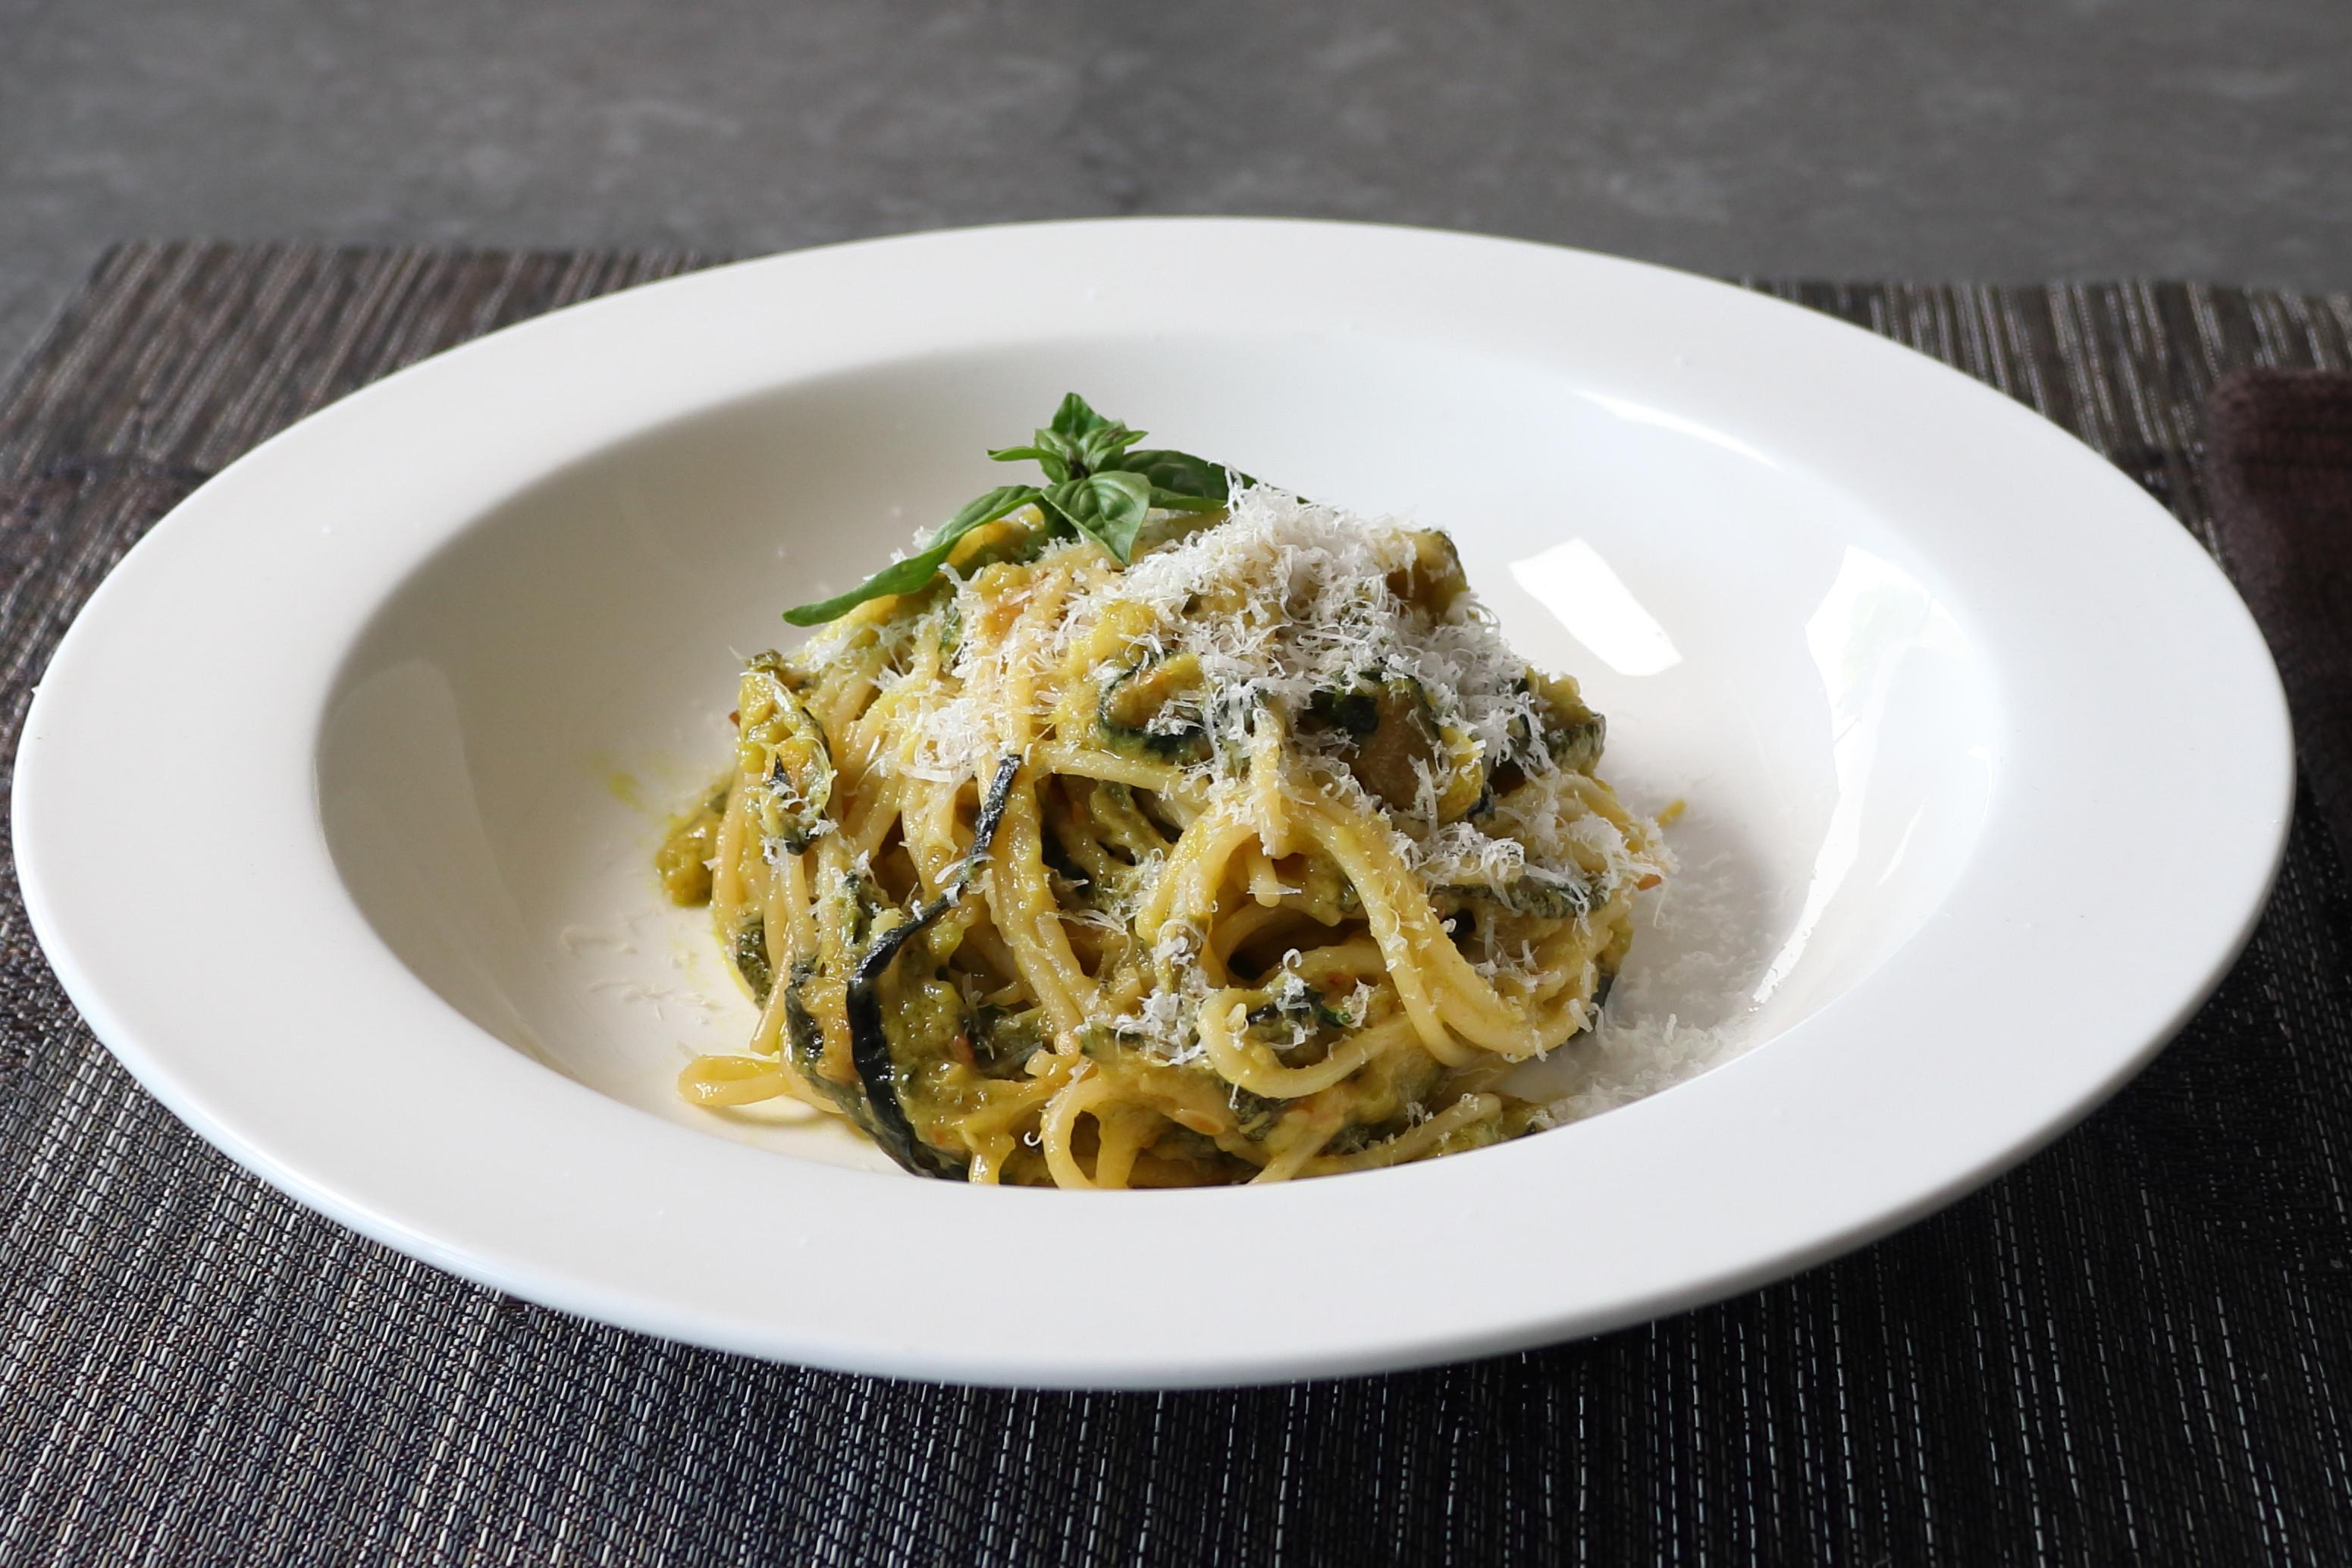 That Zucchini Spaghetti Stanley Tucci Loves (Spaghetti alla Nerano)